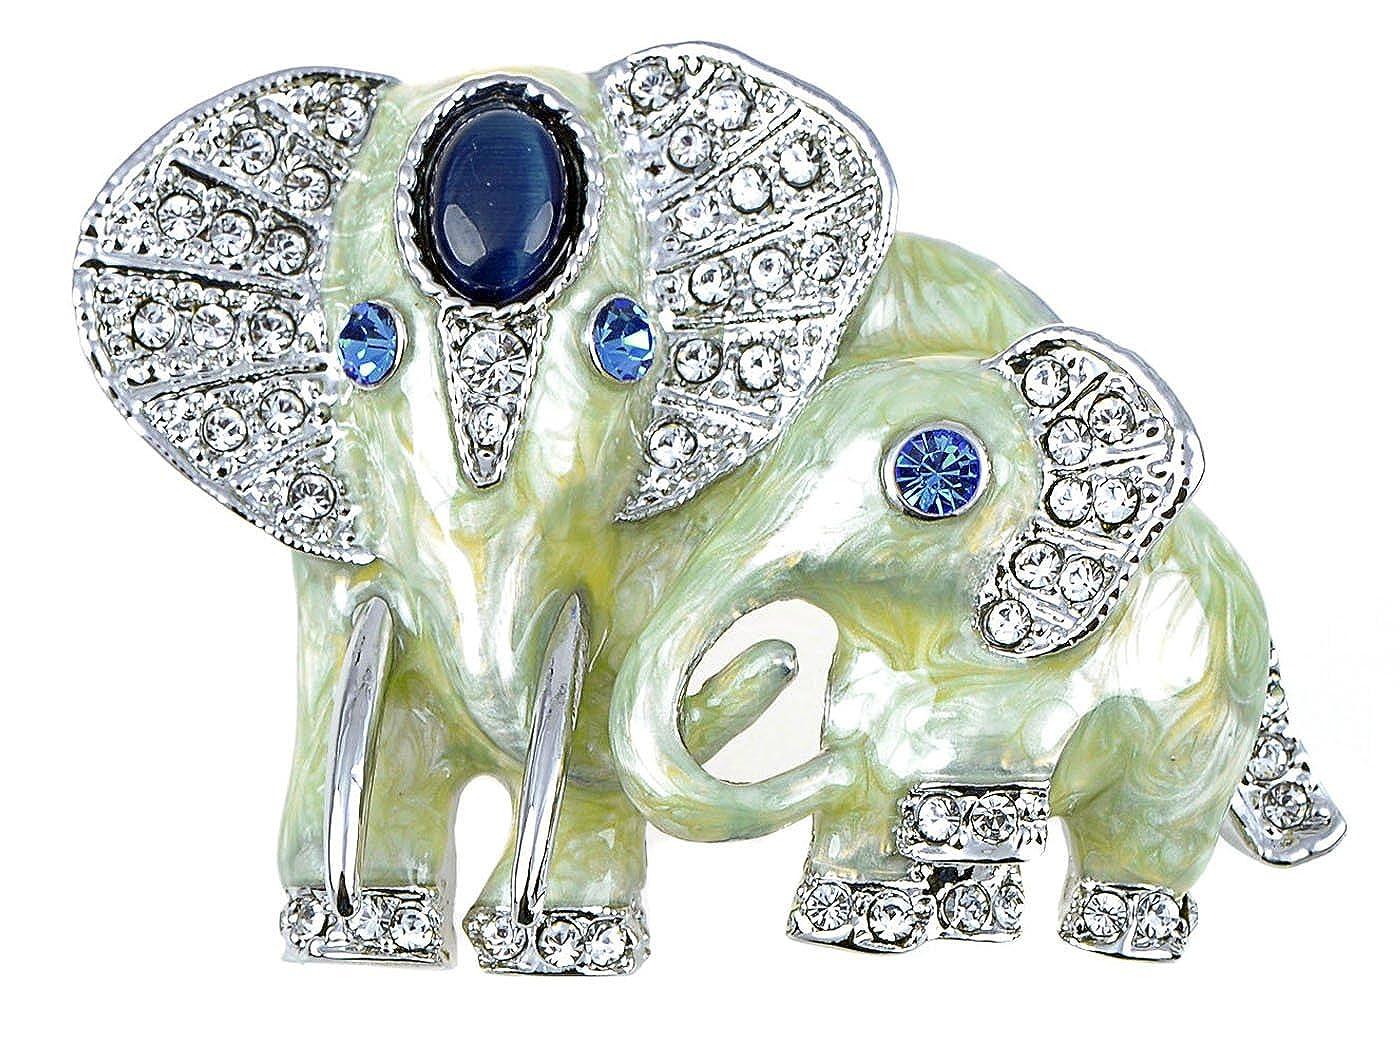 Alilang Fabriqué avec des éléments de cristal Swarovski saphir yeux Peinture nacrée Broche en forme d'éléphants B1221